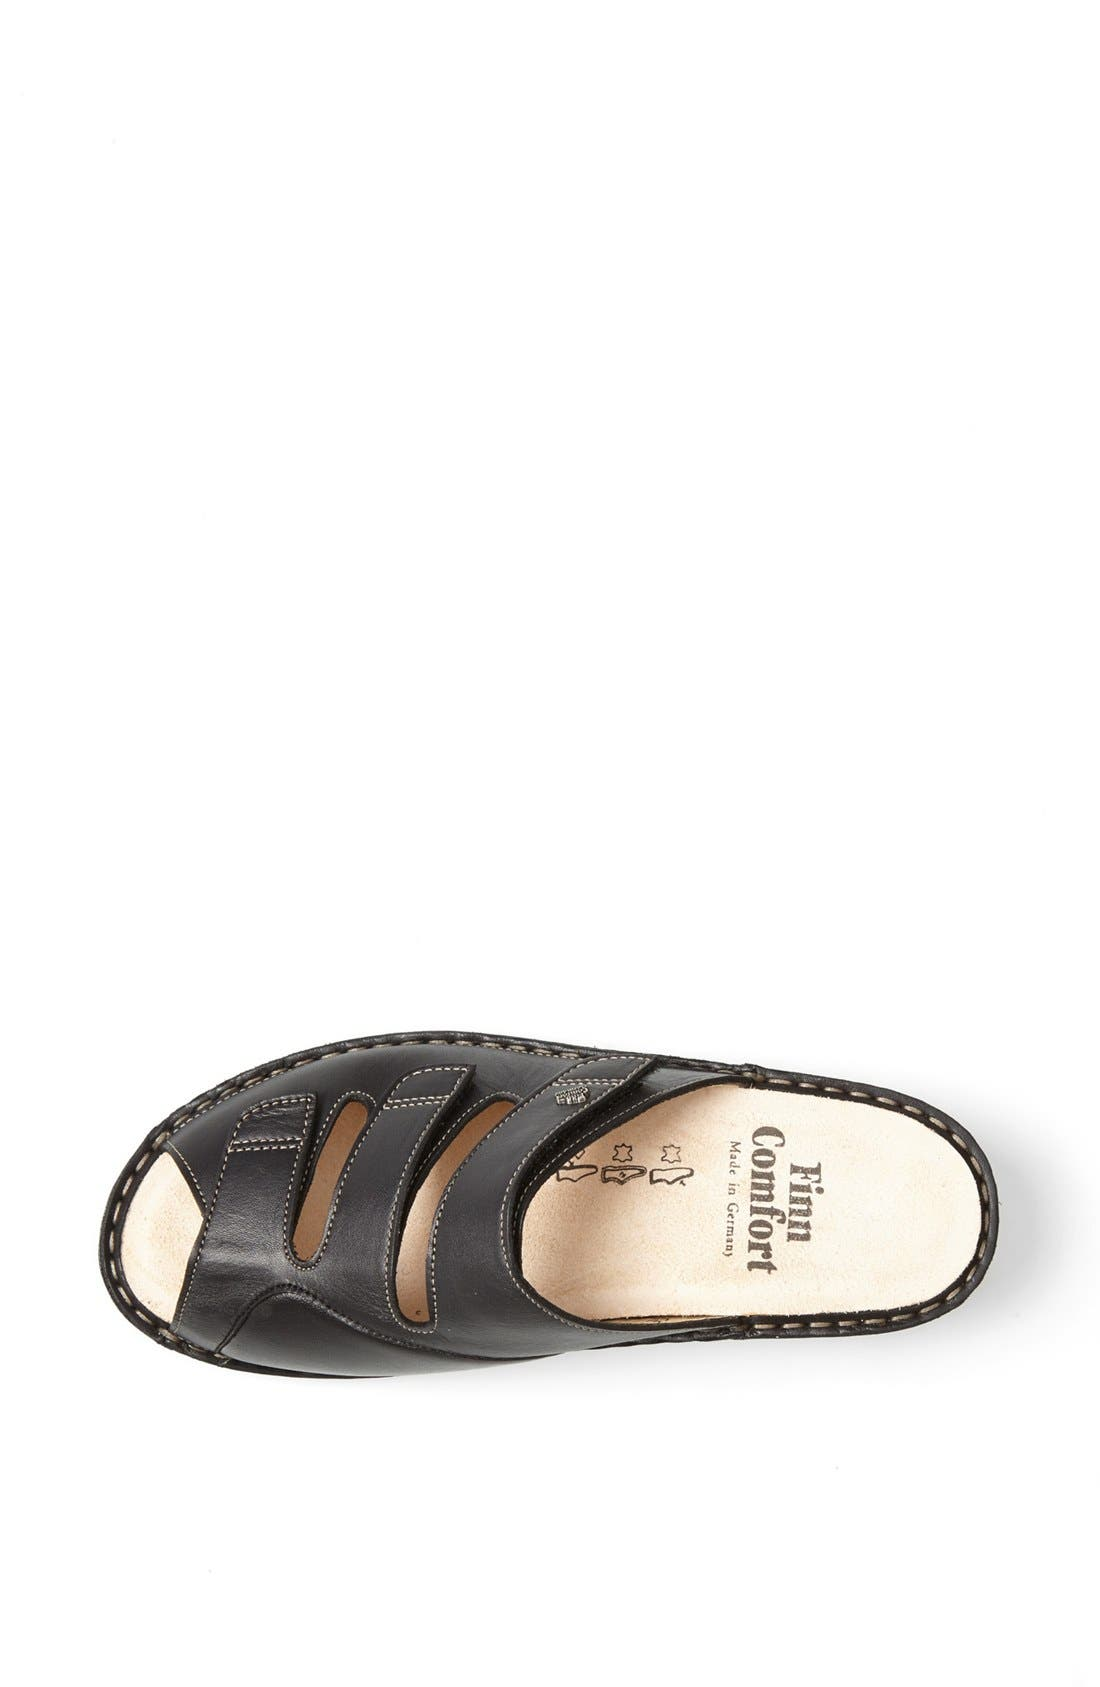 'Tilburg' Leather Sandal,                             Alternate thumbnail 3, color,                             001